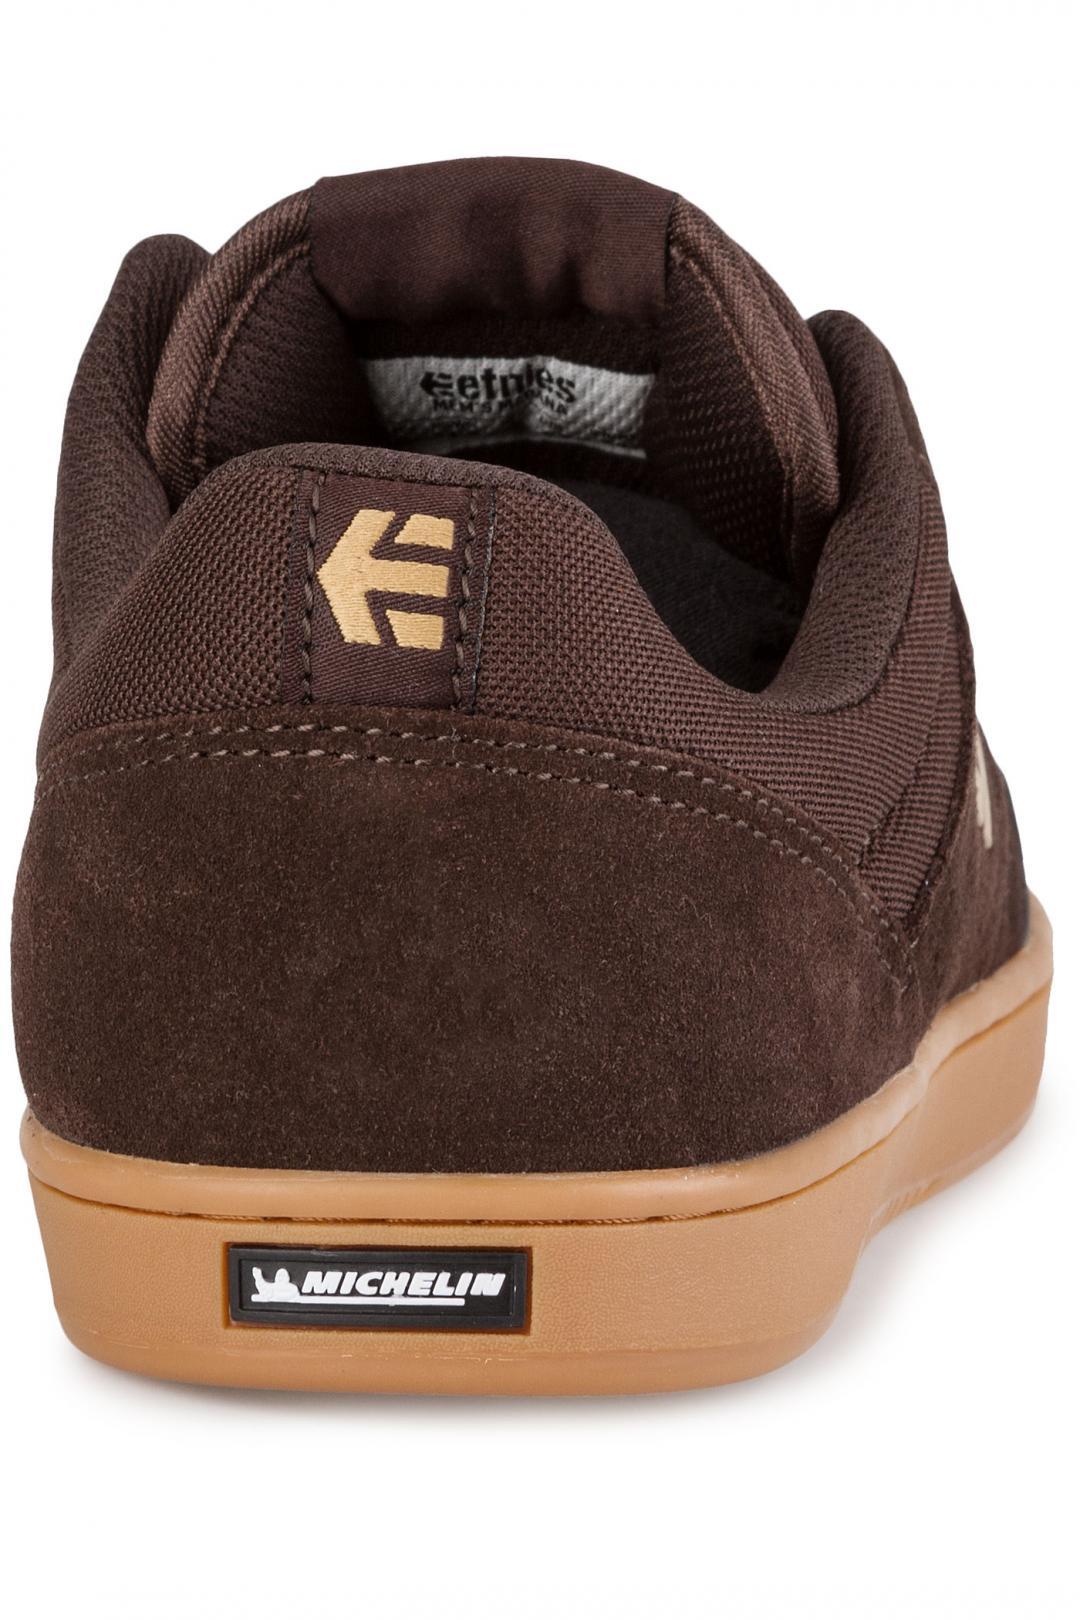 Uomo Etnies Marana brown gum brown | Sneaker